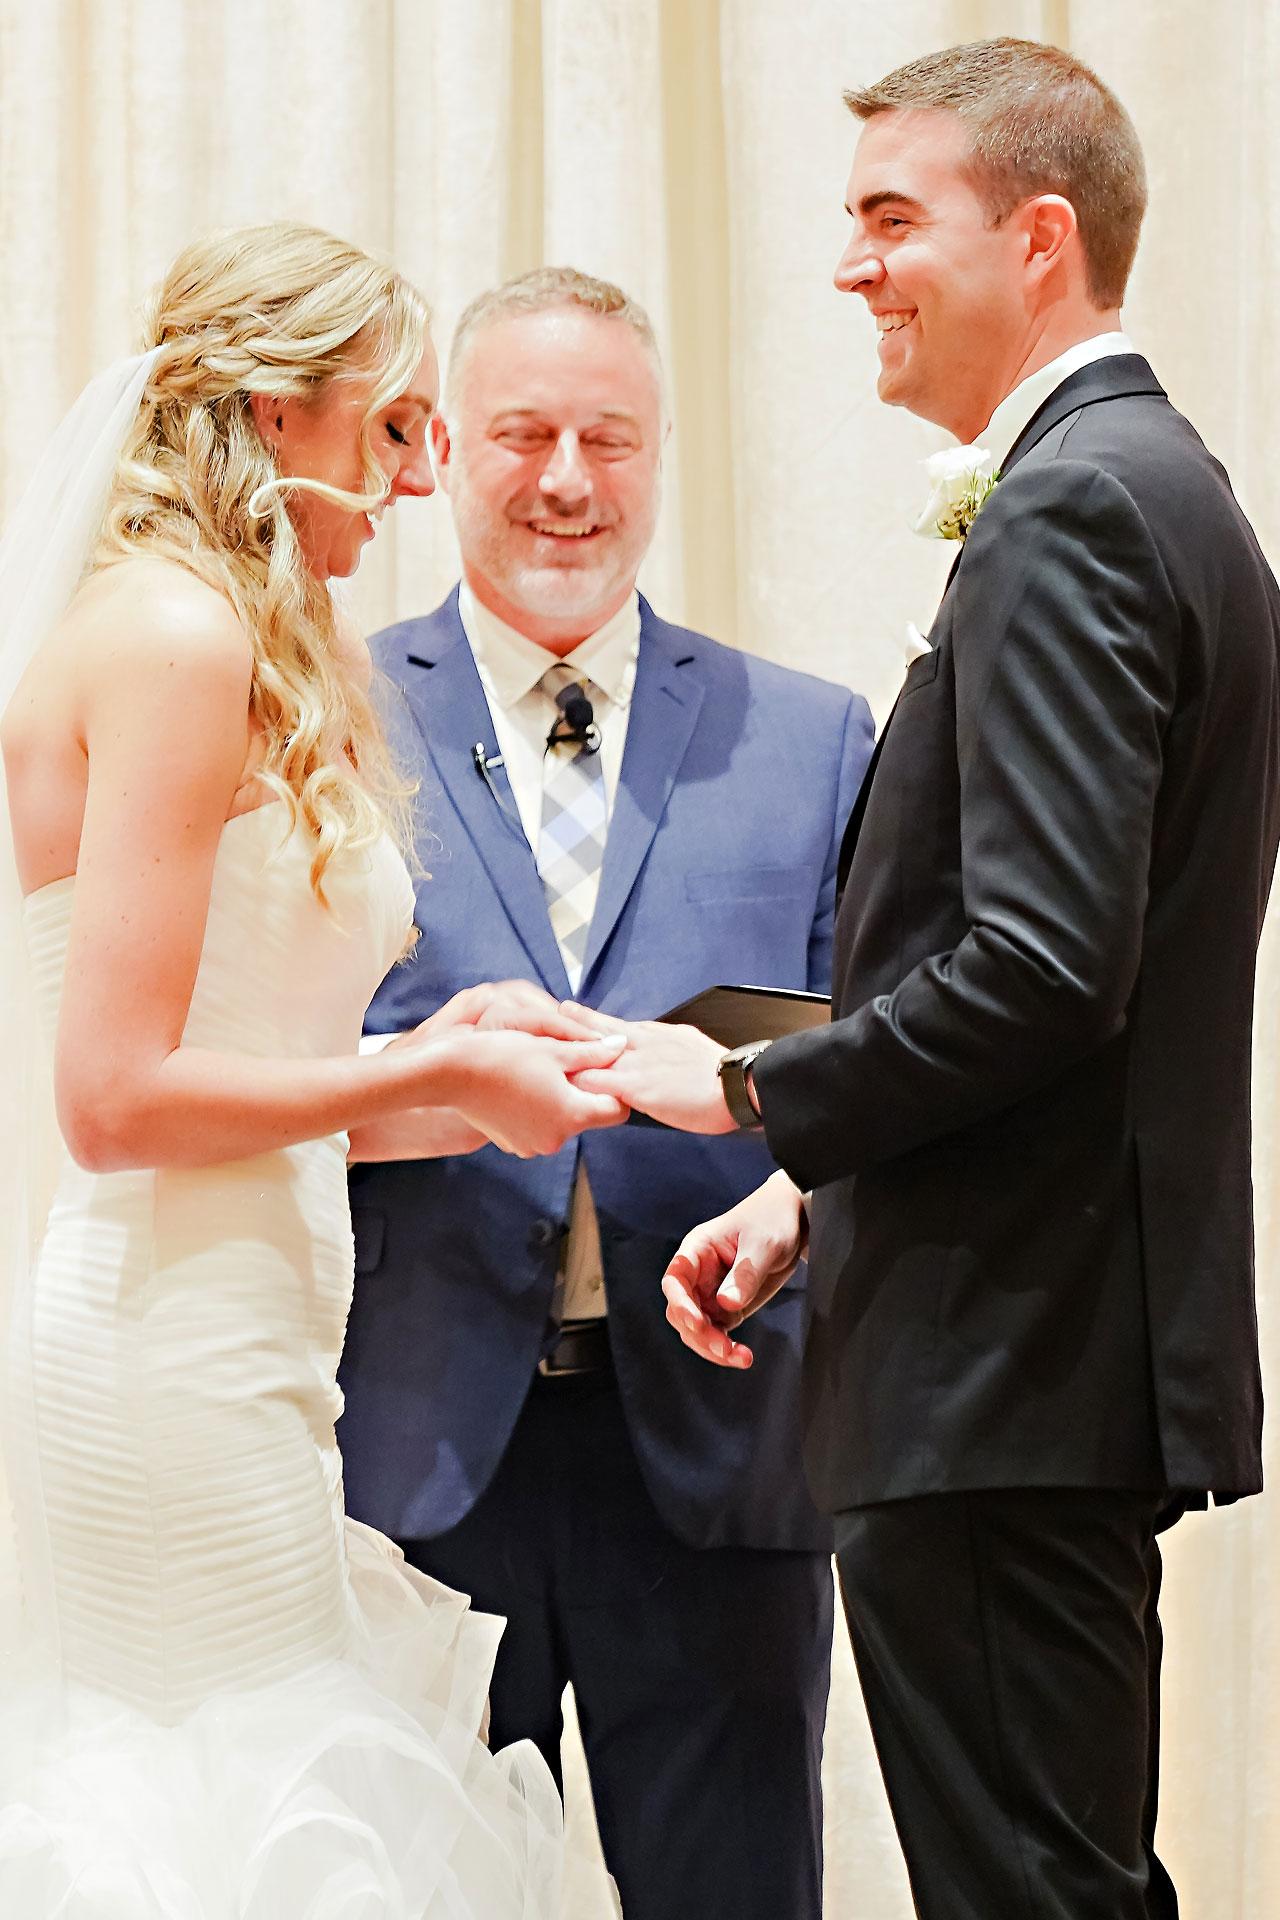 Liz Zach Conrad Artsgarden Indianapolis Wedding 197